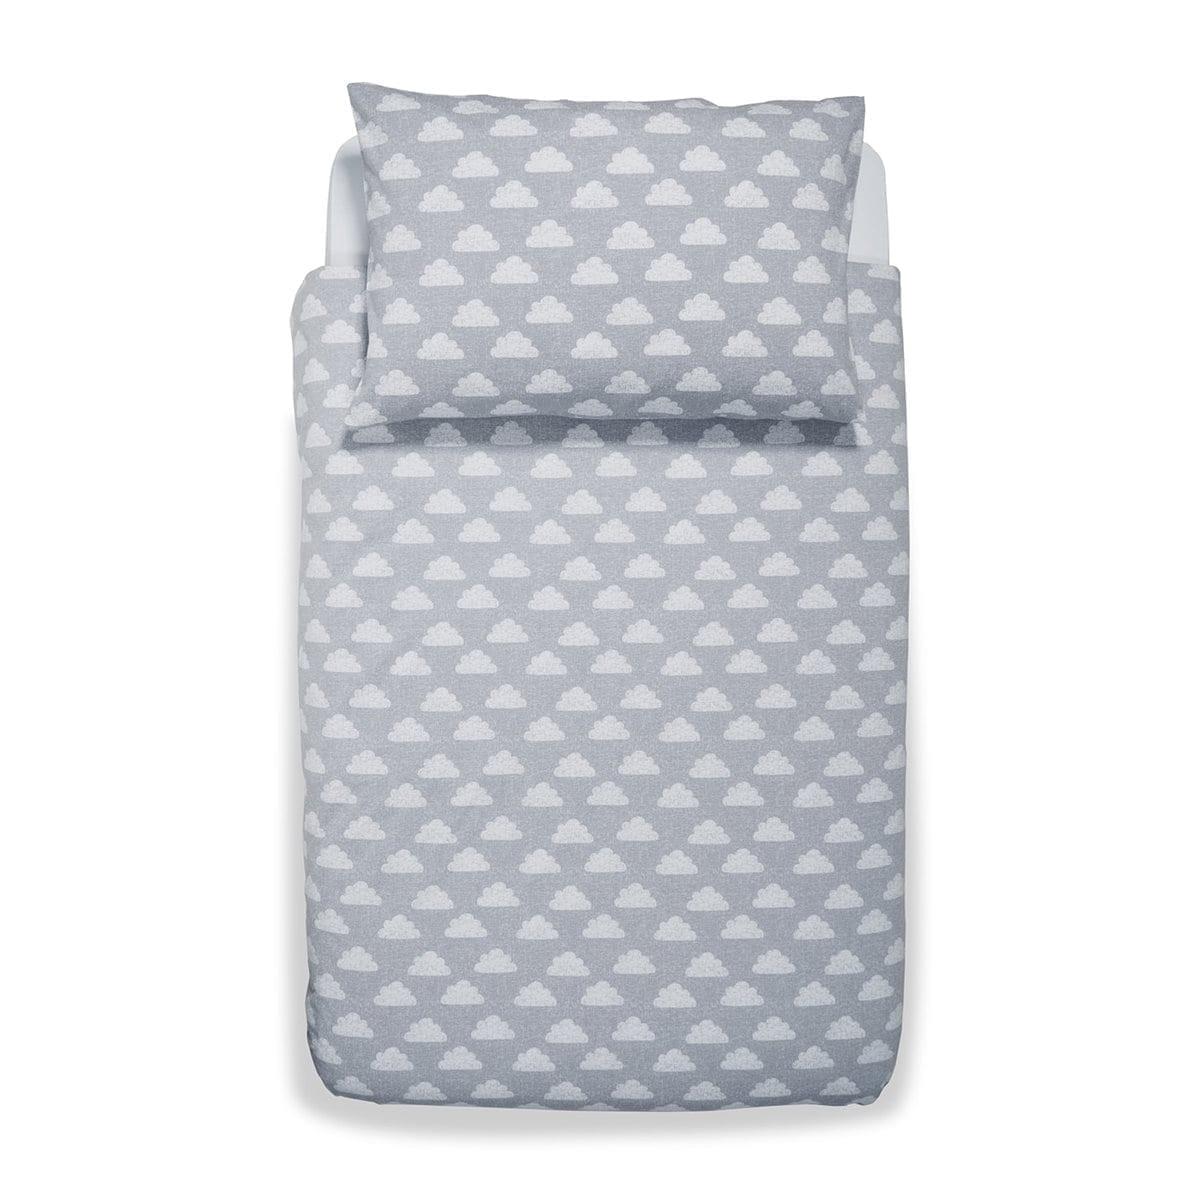 Snuz Cot Duvet Cover and Pillow Case Set (100x120cm) - Cloud Nine